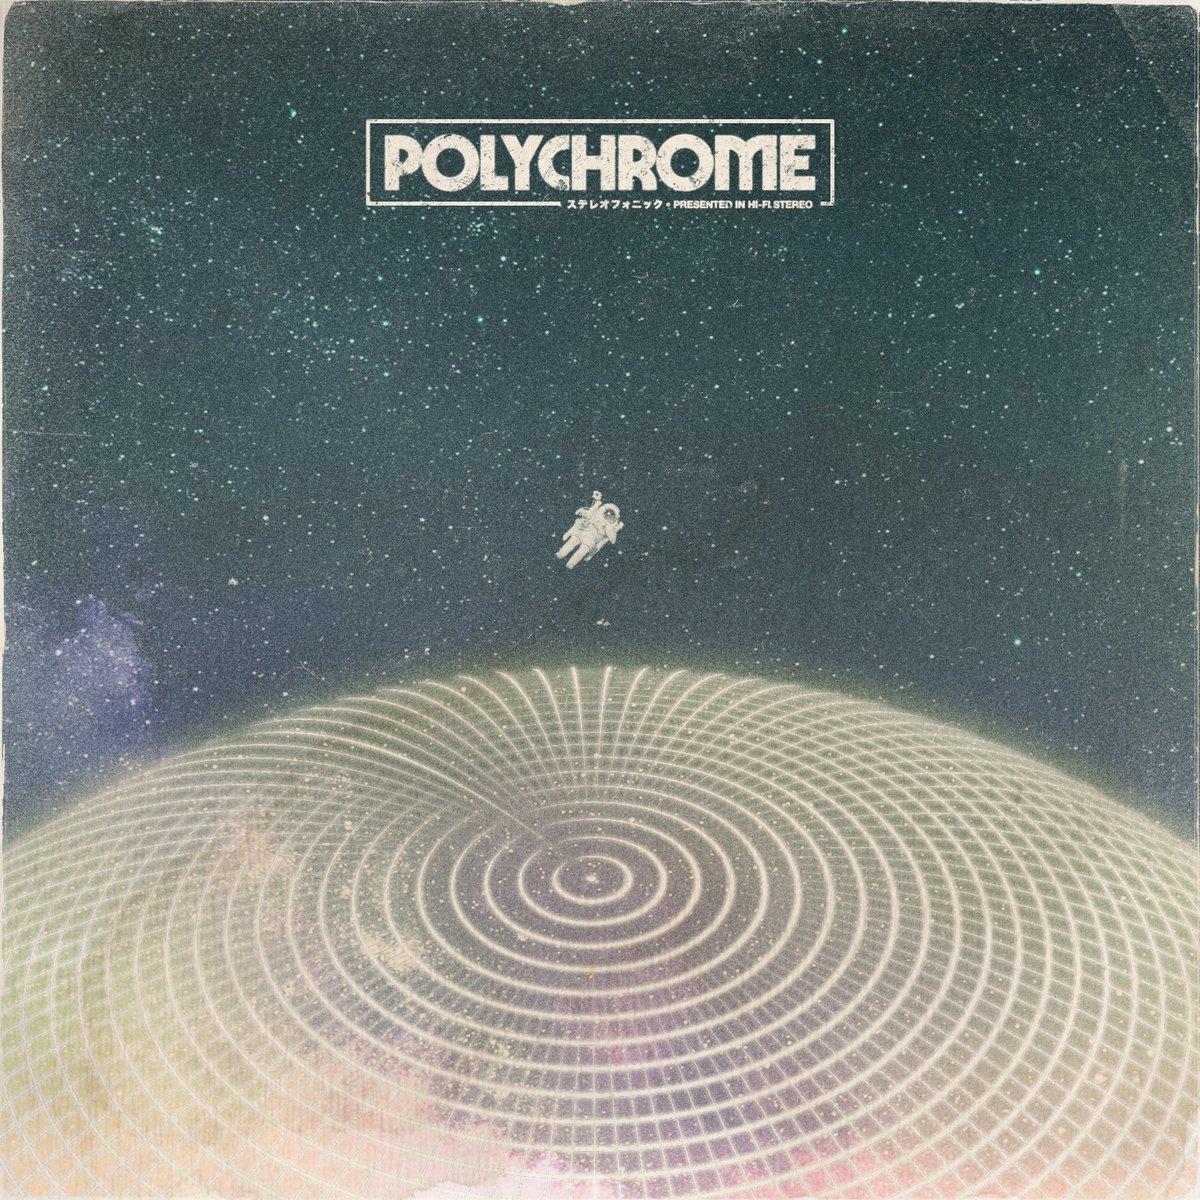 Polychrome sellfy.com/p/9w6zrx/ -25 Original Compositions $30